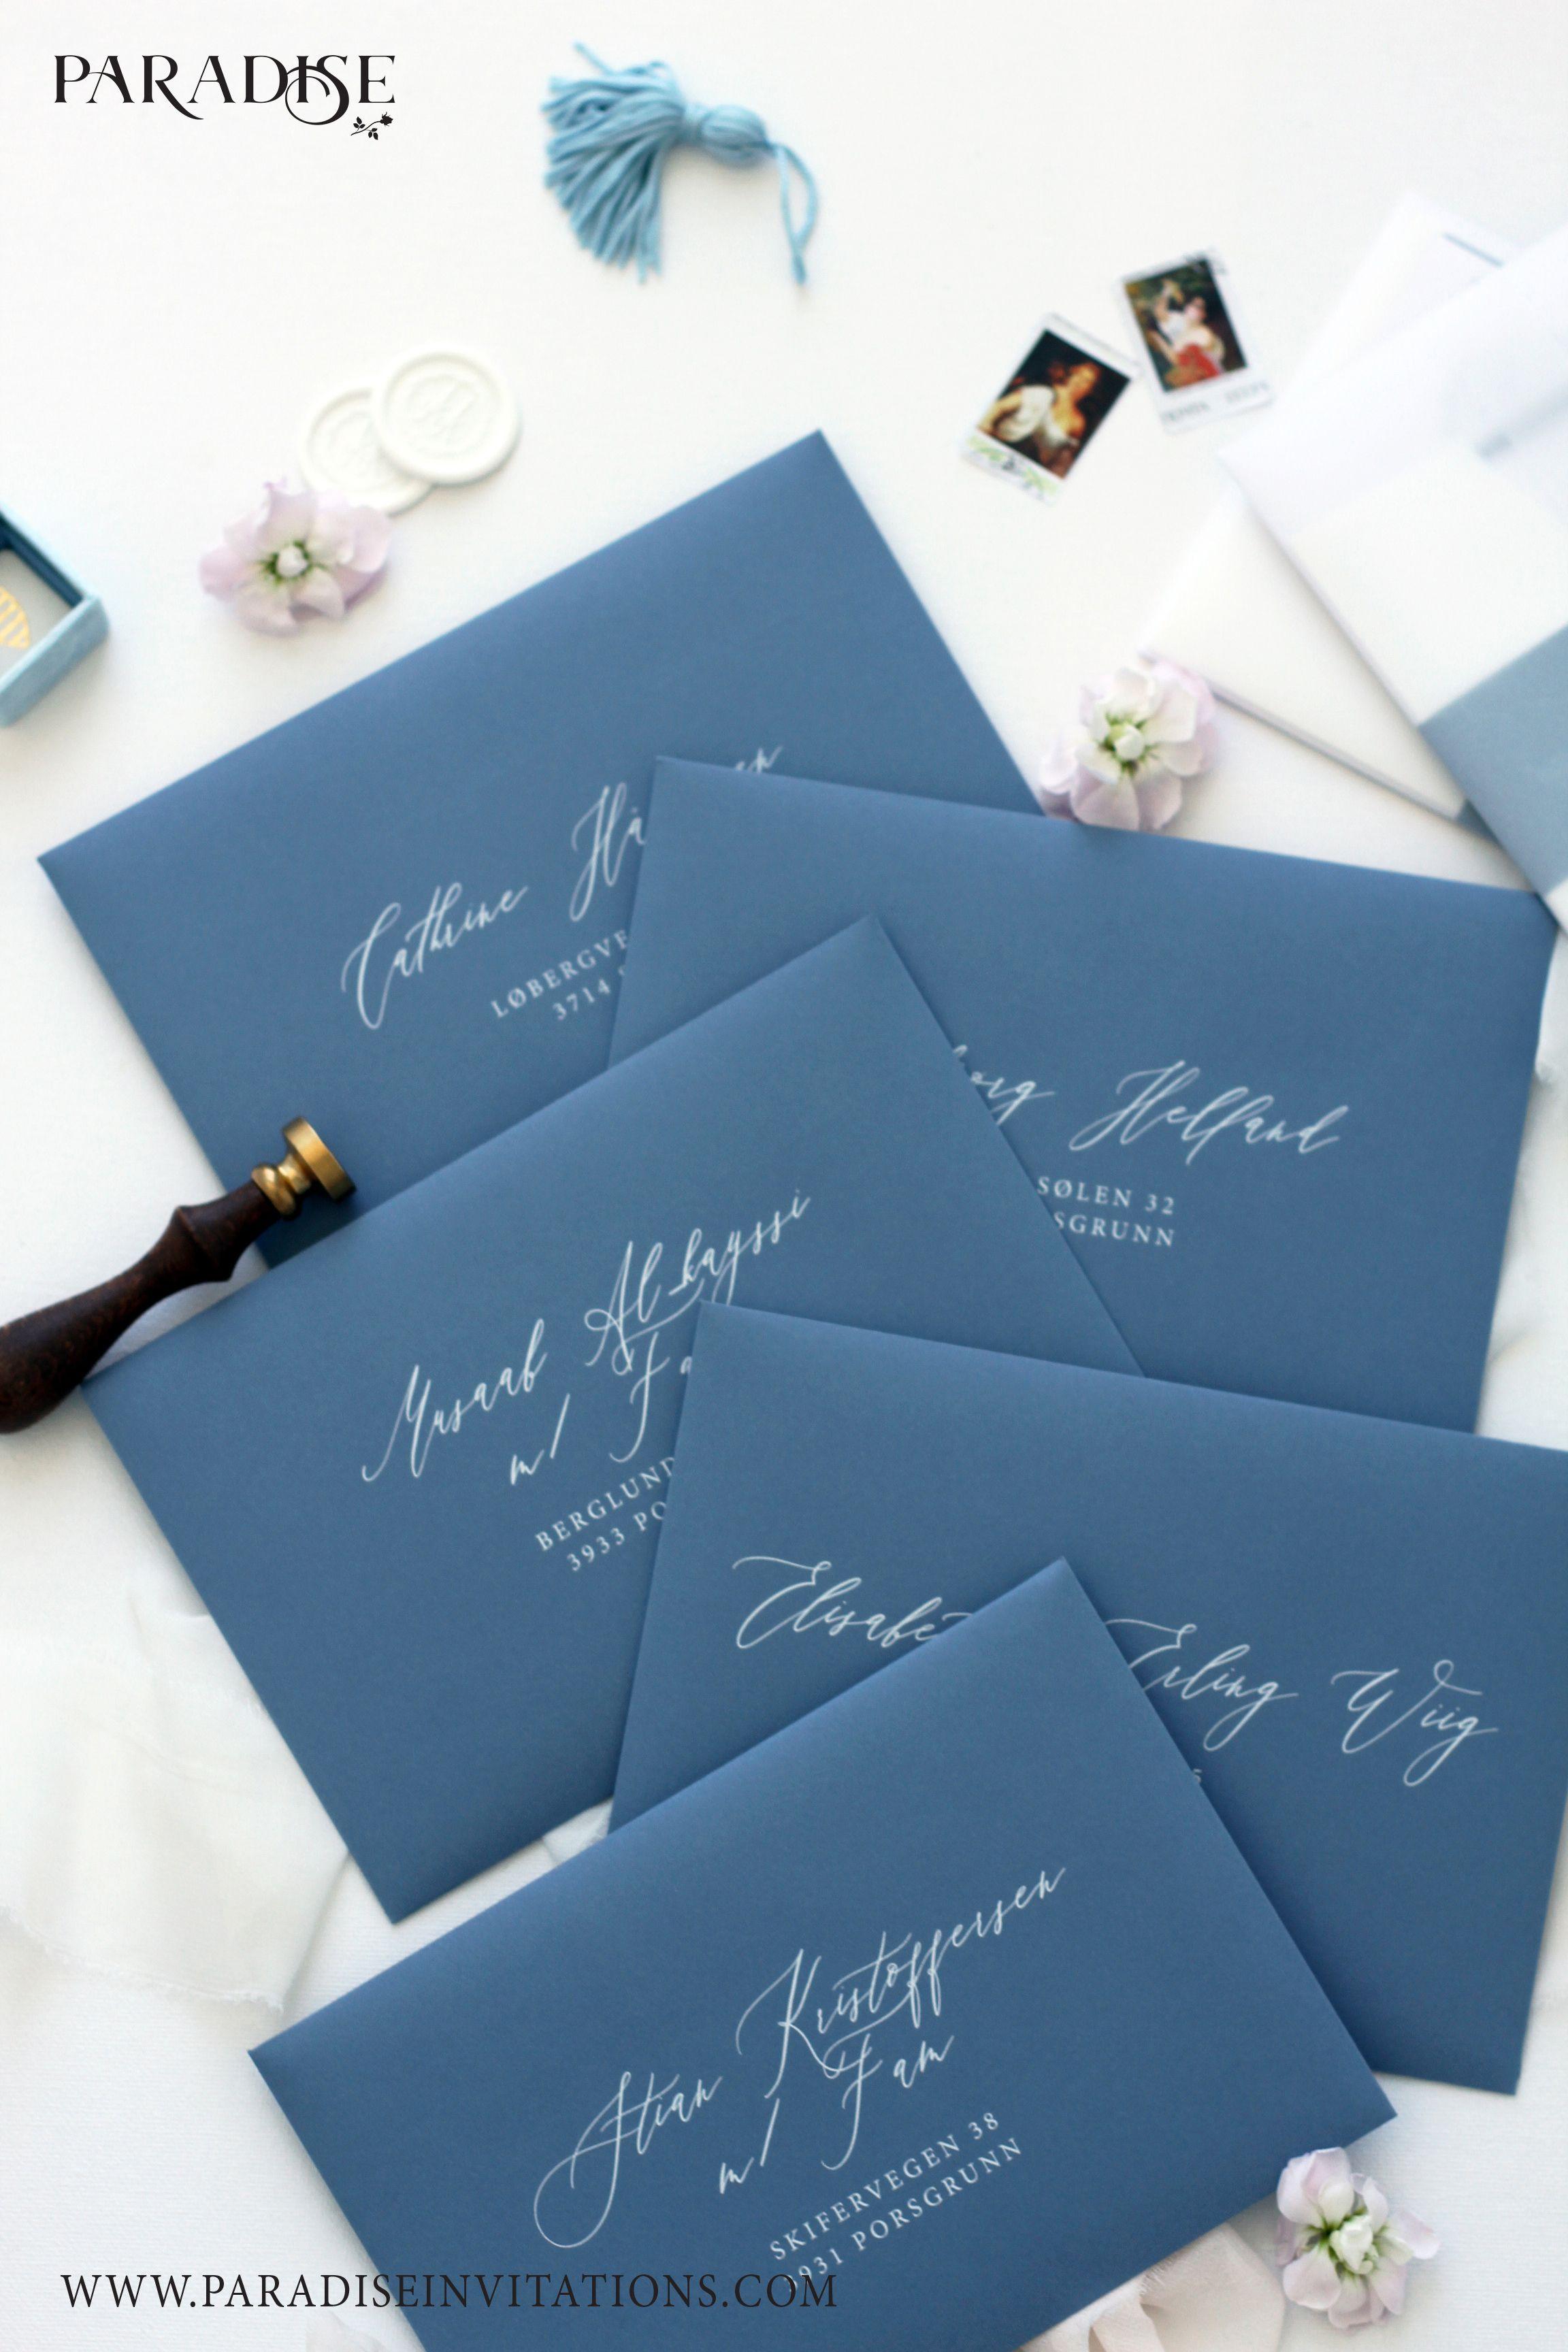 Elegant Dusty Blue Envelopes Wedding Stationery Weddingstationery Envelope Wedding Invitation Envelopes Classy Wedding Invitations Blue Wedding Invitations